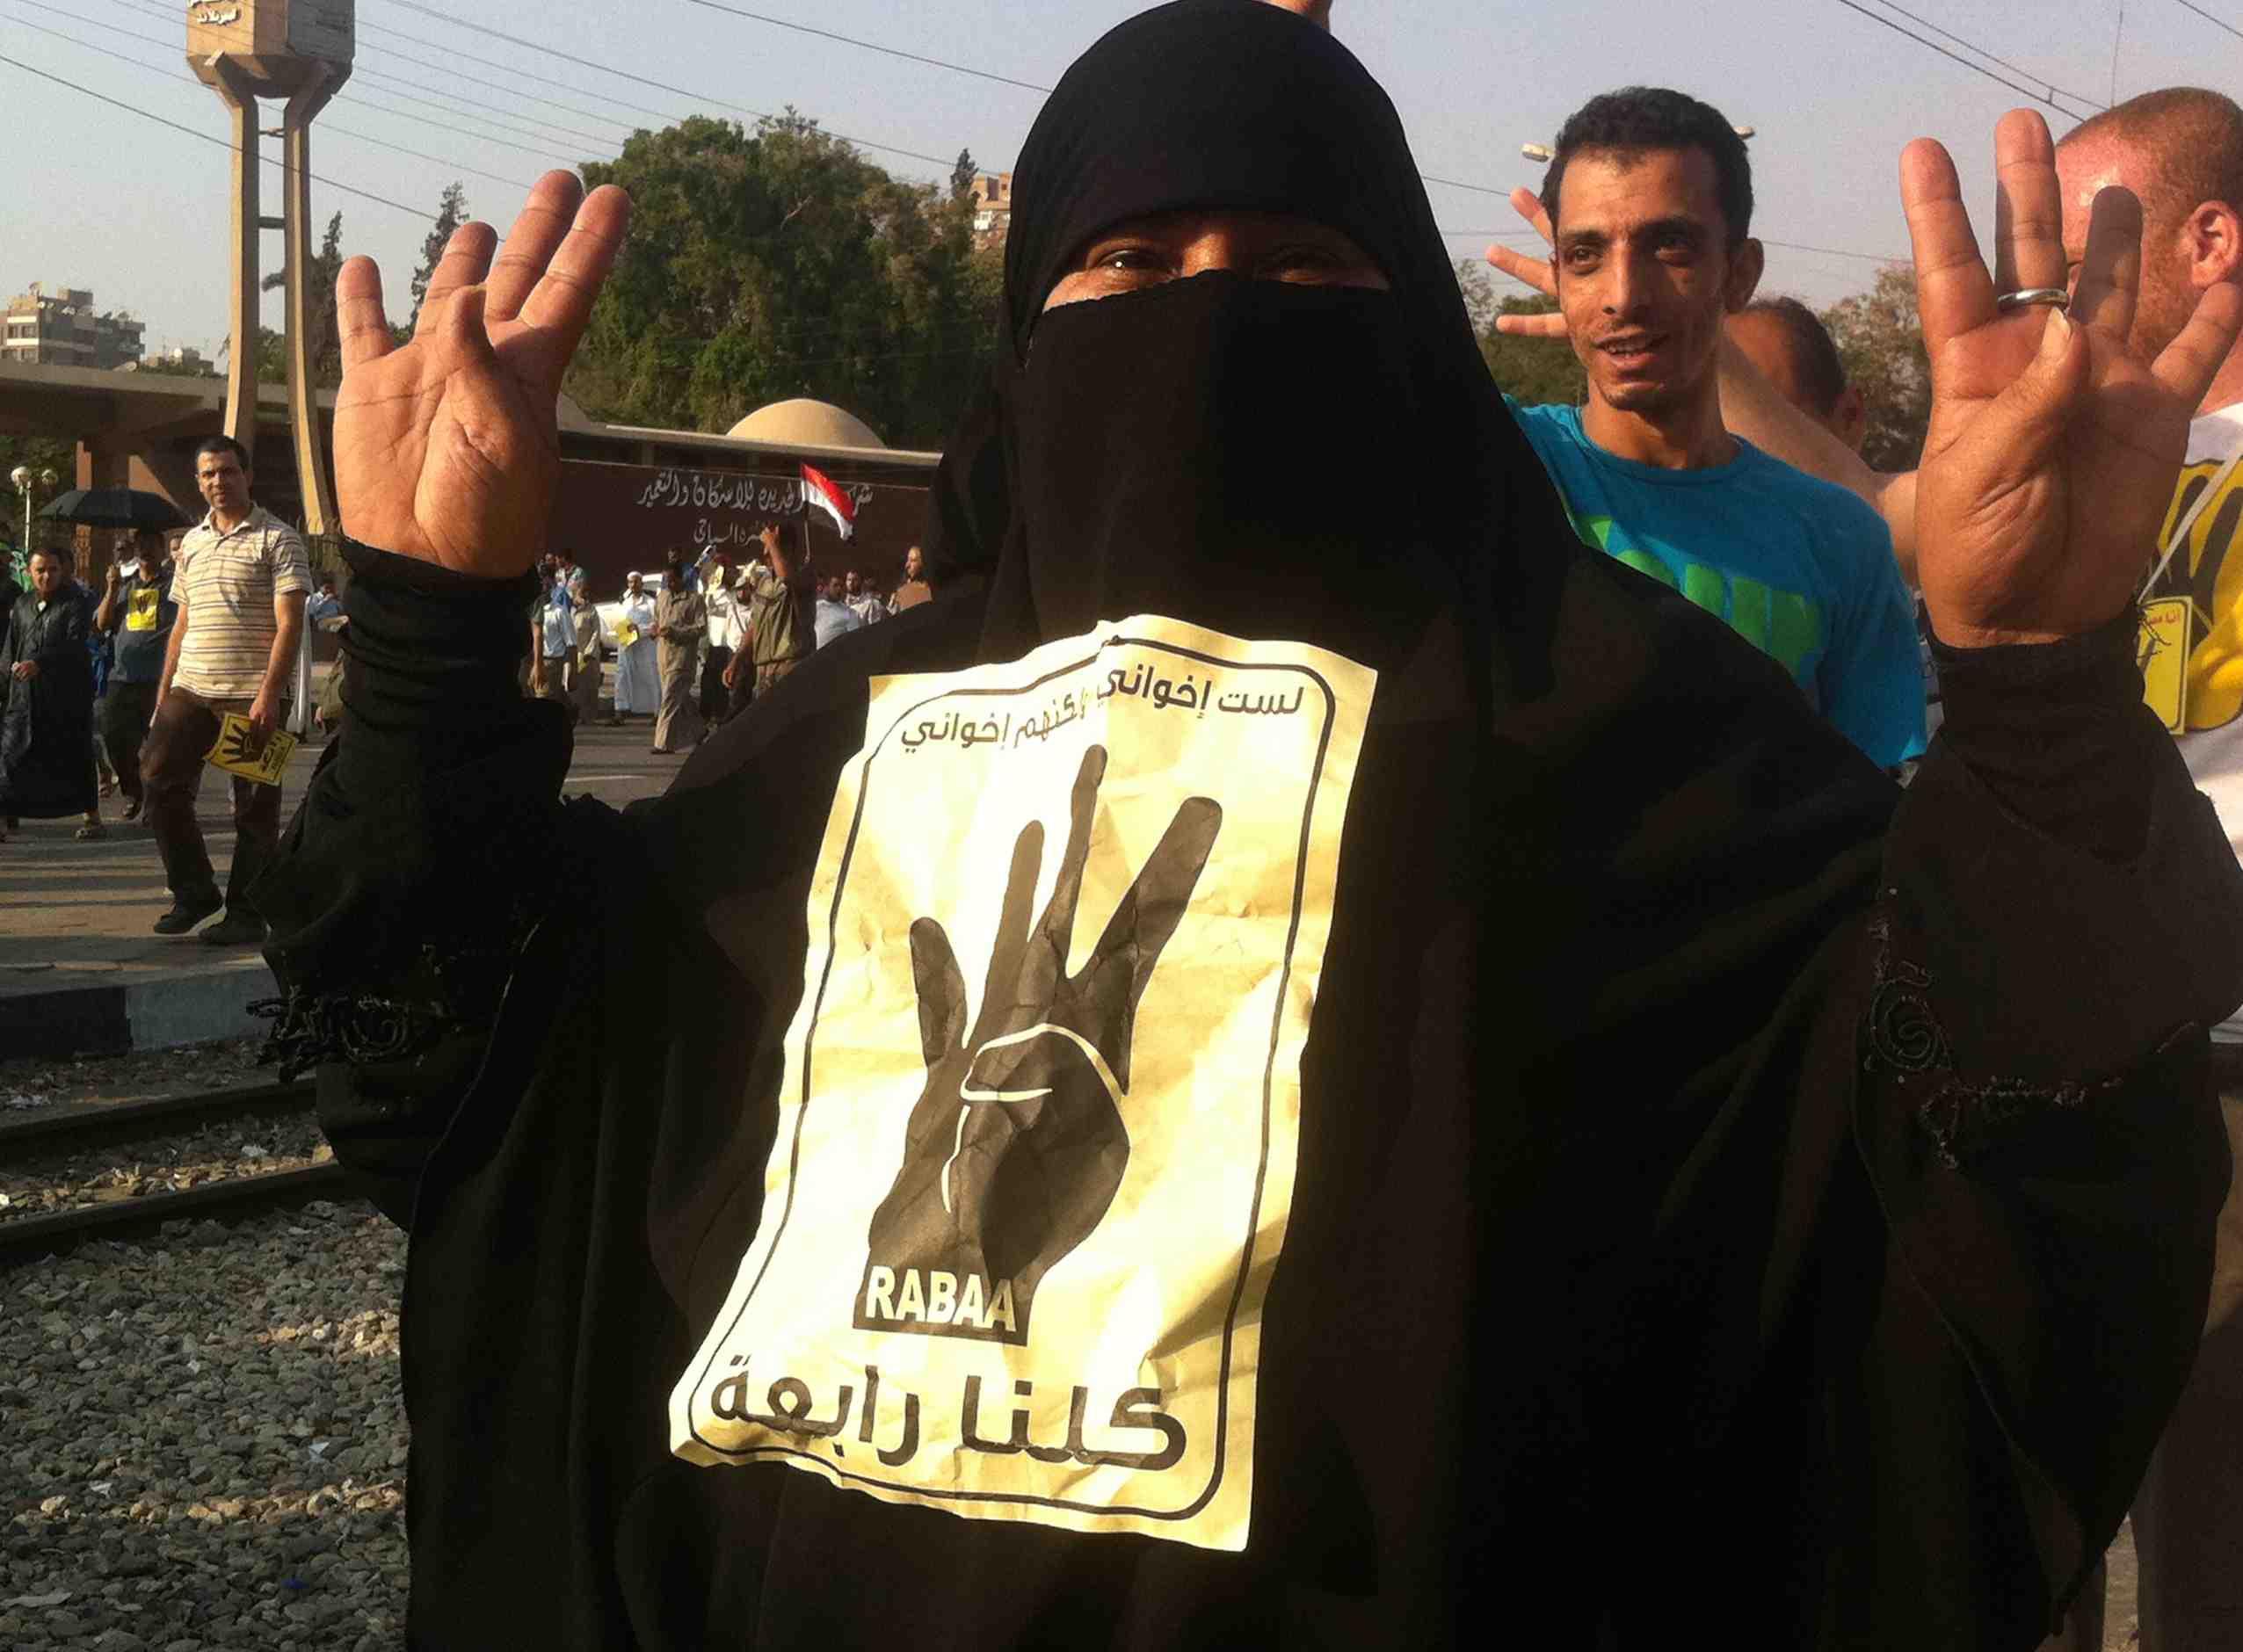 Manifestation au Caire de partisans du président déchu Mohamed Morsi, issu des frères musulmans, au cours de l'été 2013. Des rassemblements désormais interdits en Egypte. Photo : F.A / Intégrales Productions